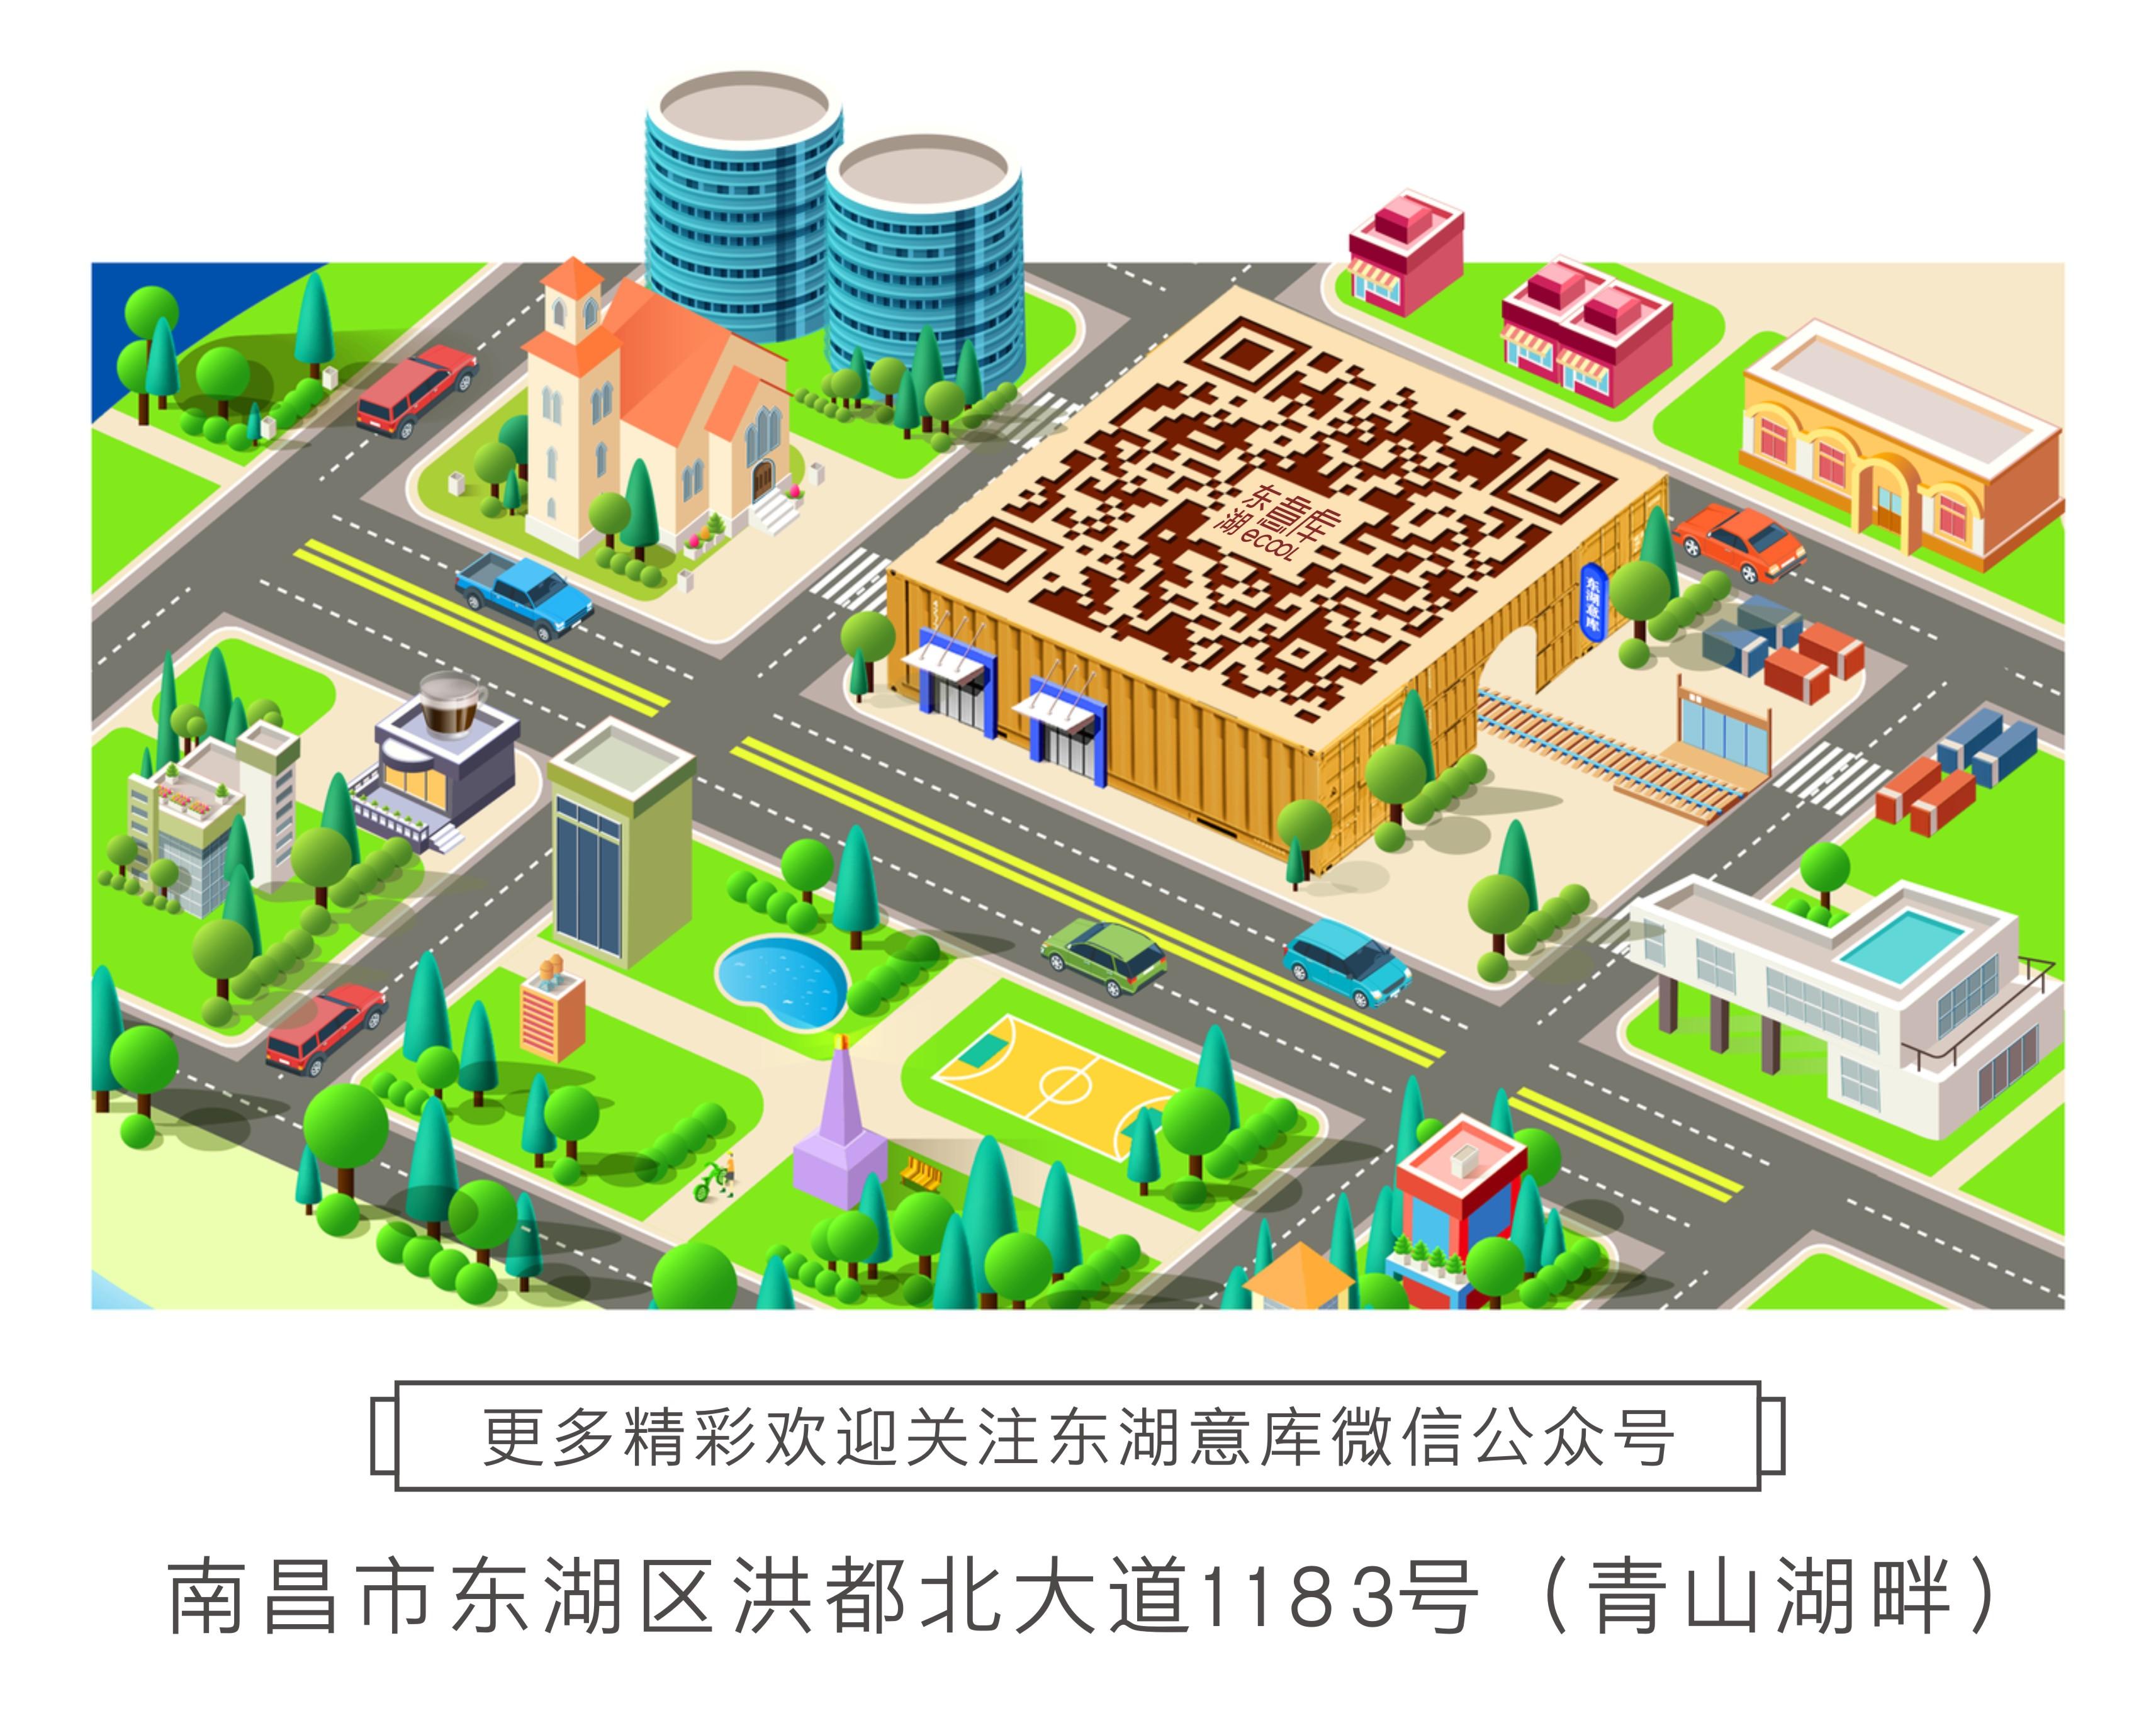 国产久久亚洲精品视频18_亚洲 中文 字幕视频_综合图区 亚洲 中文